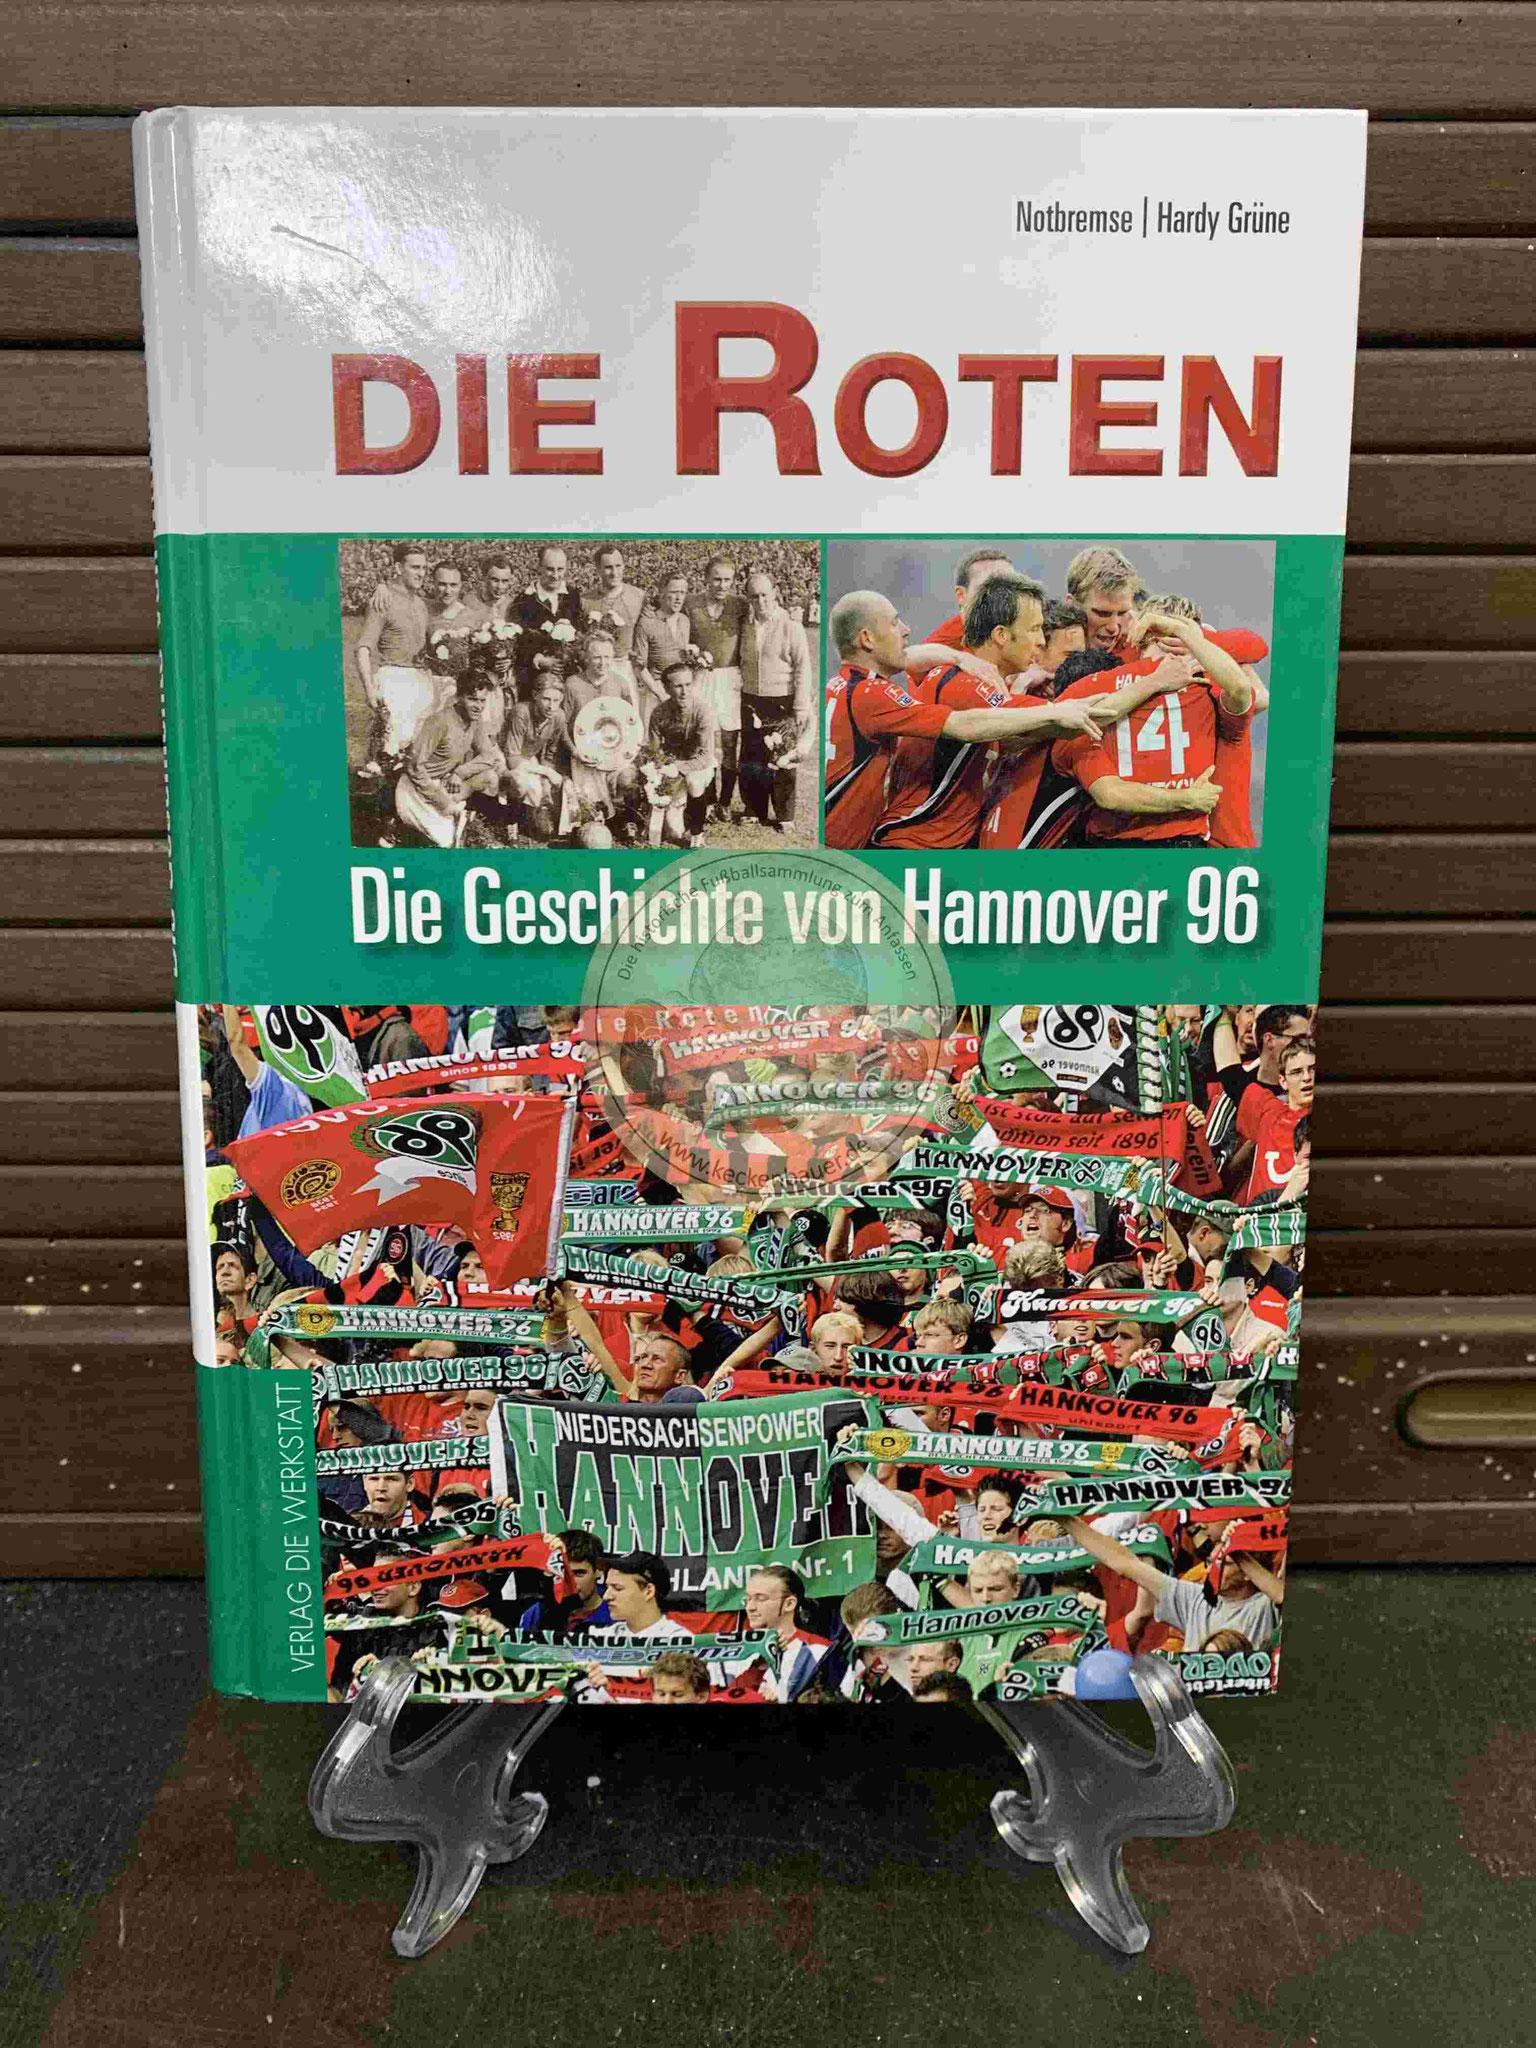 Die Roten Die Geschichte von Hannover 96 aus dem Jahr 2006